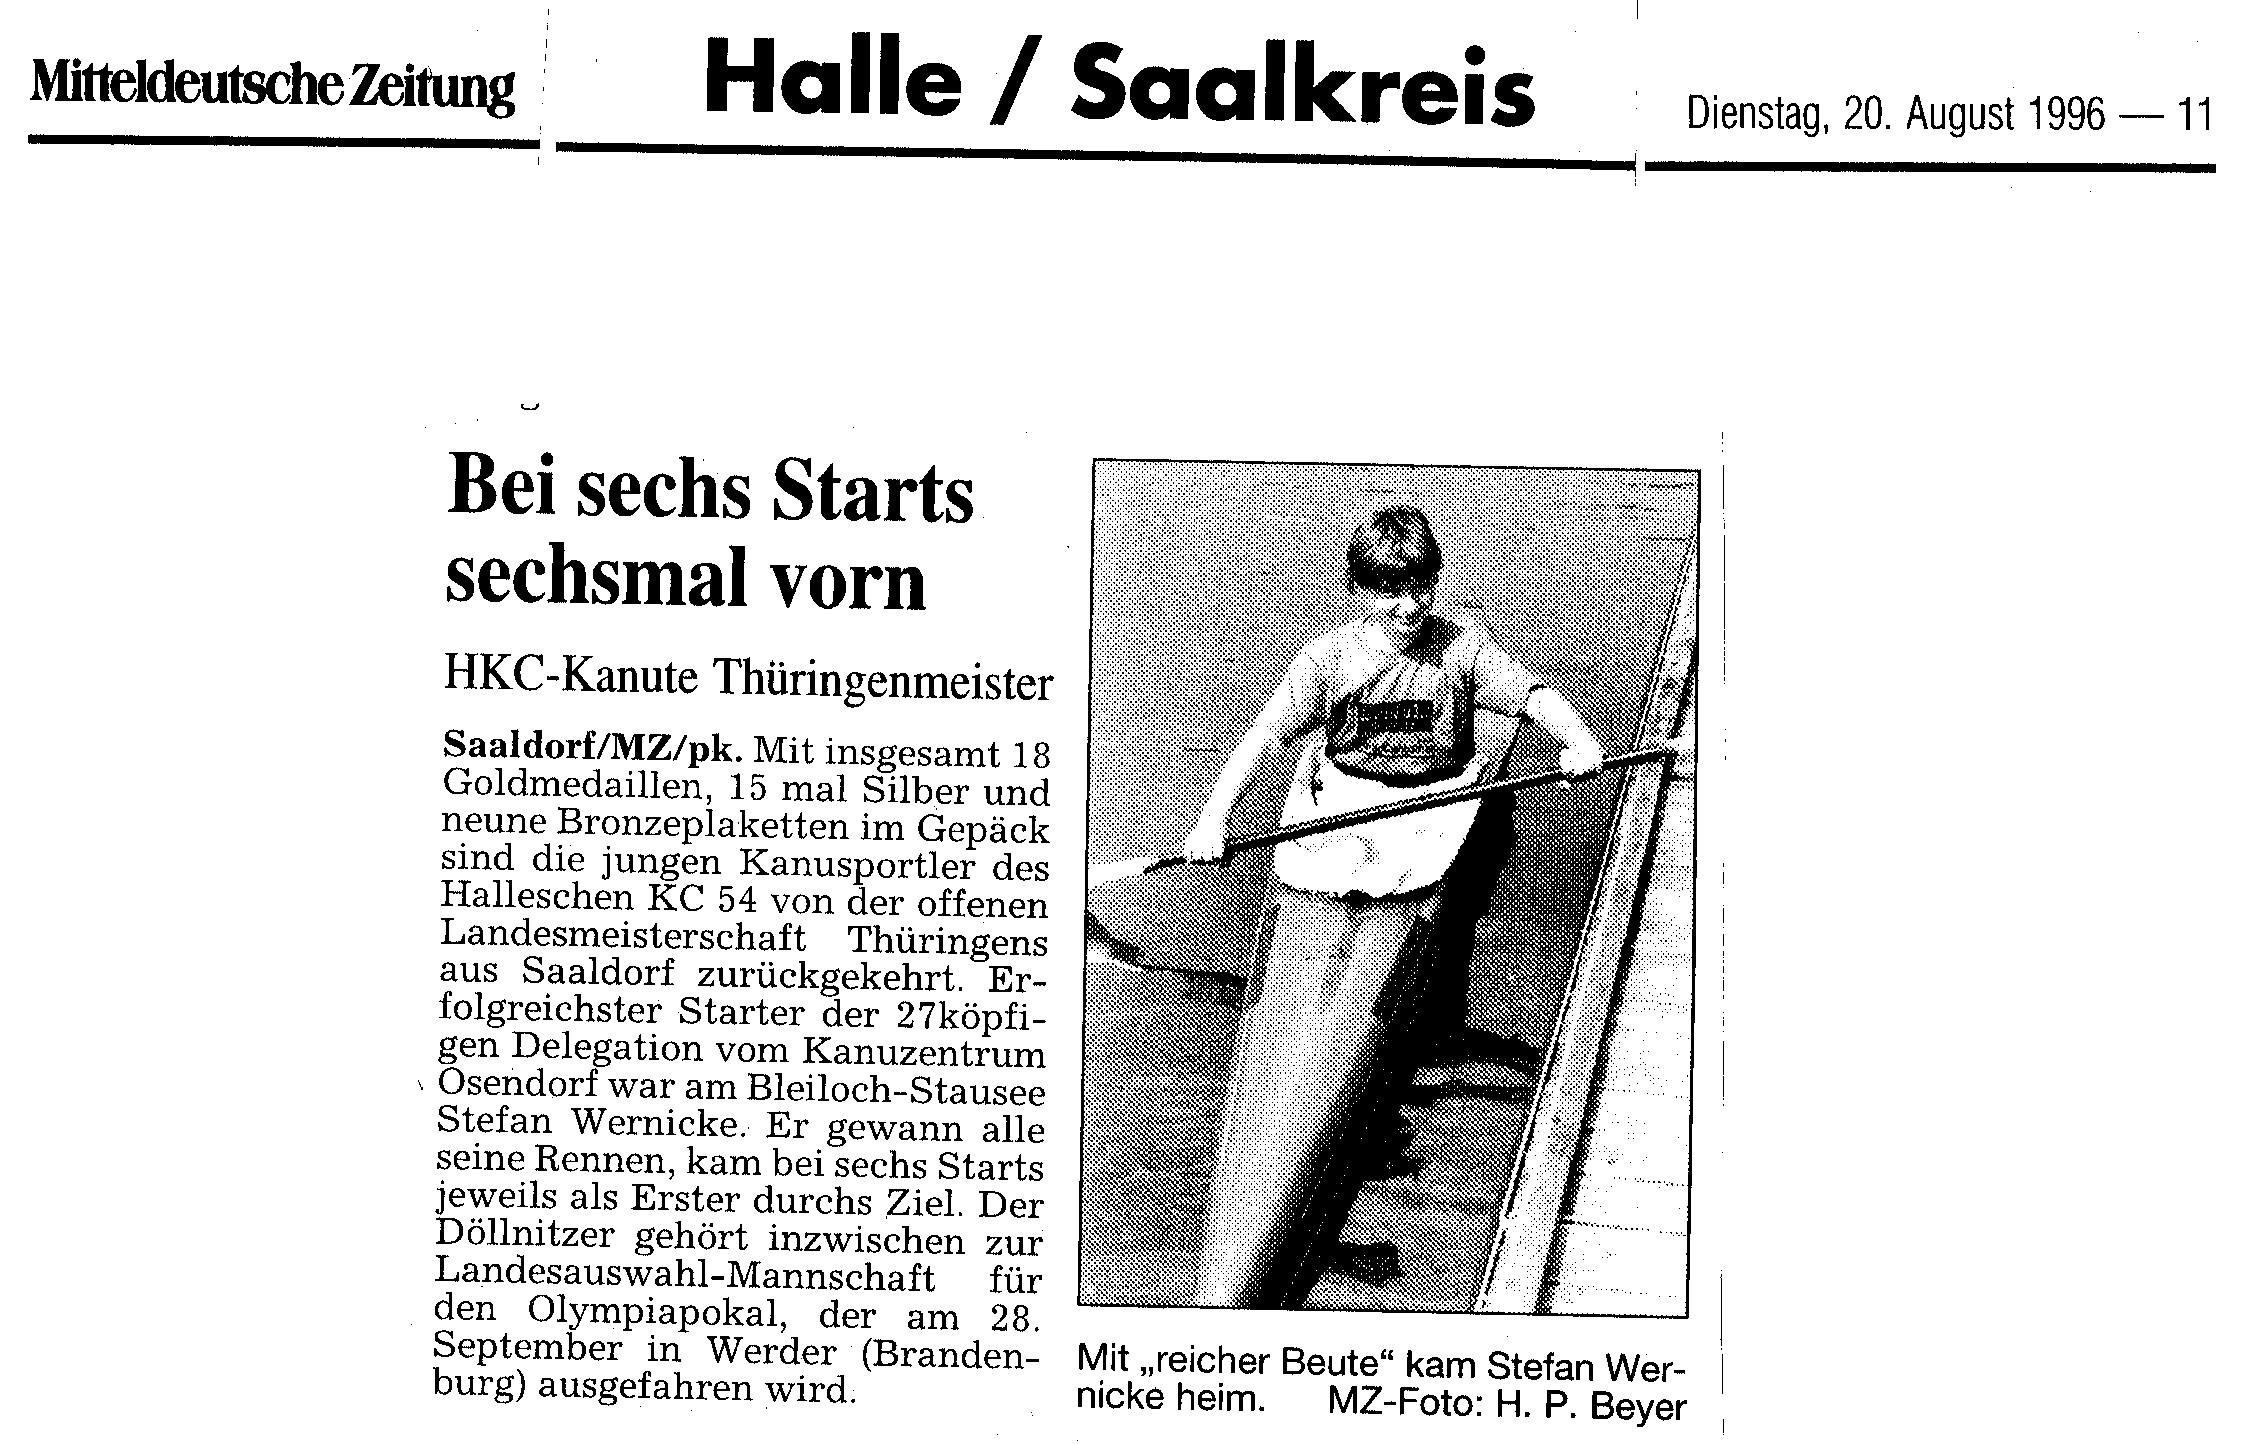 1996-08-20 MZ Bei sechs Starts sechsmal vorn